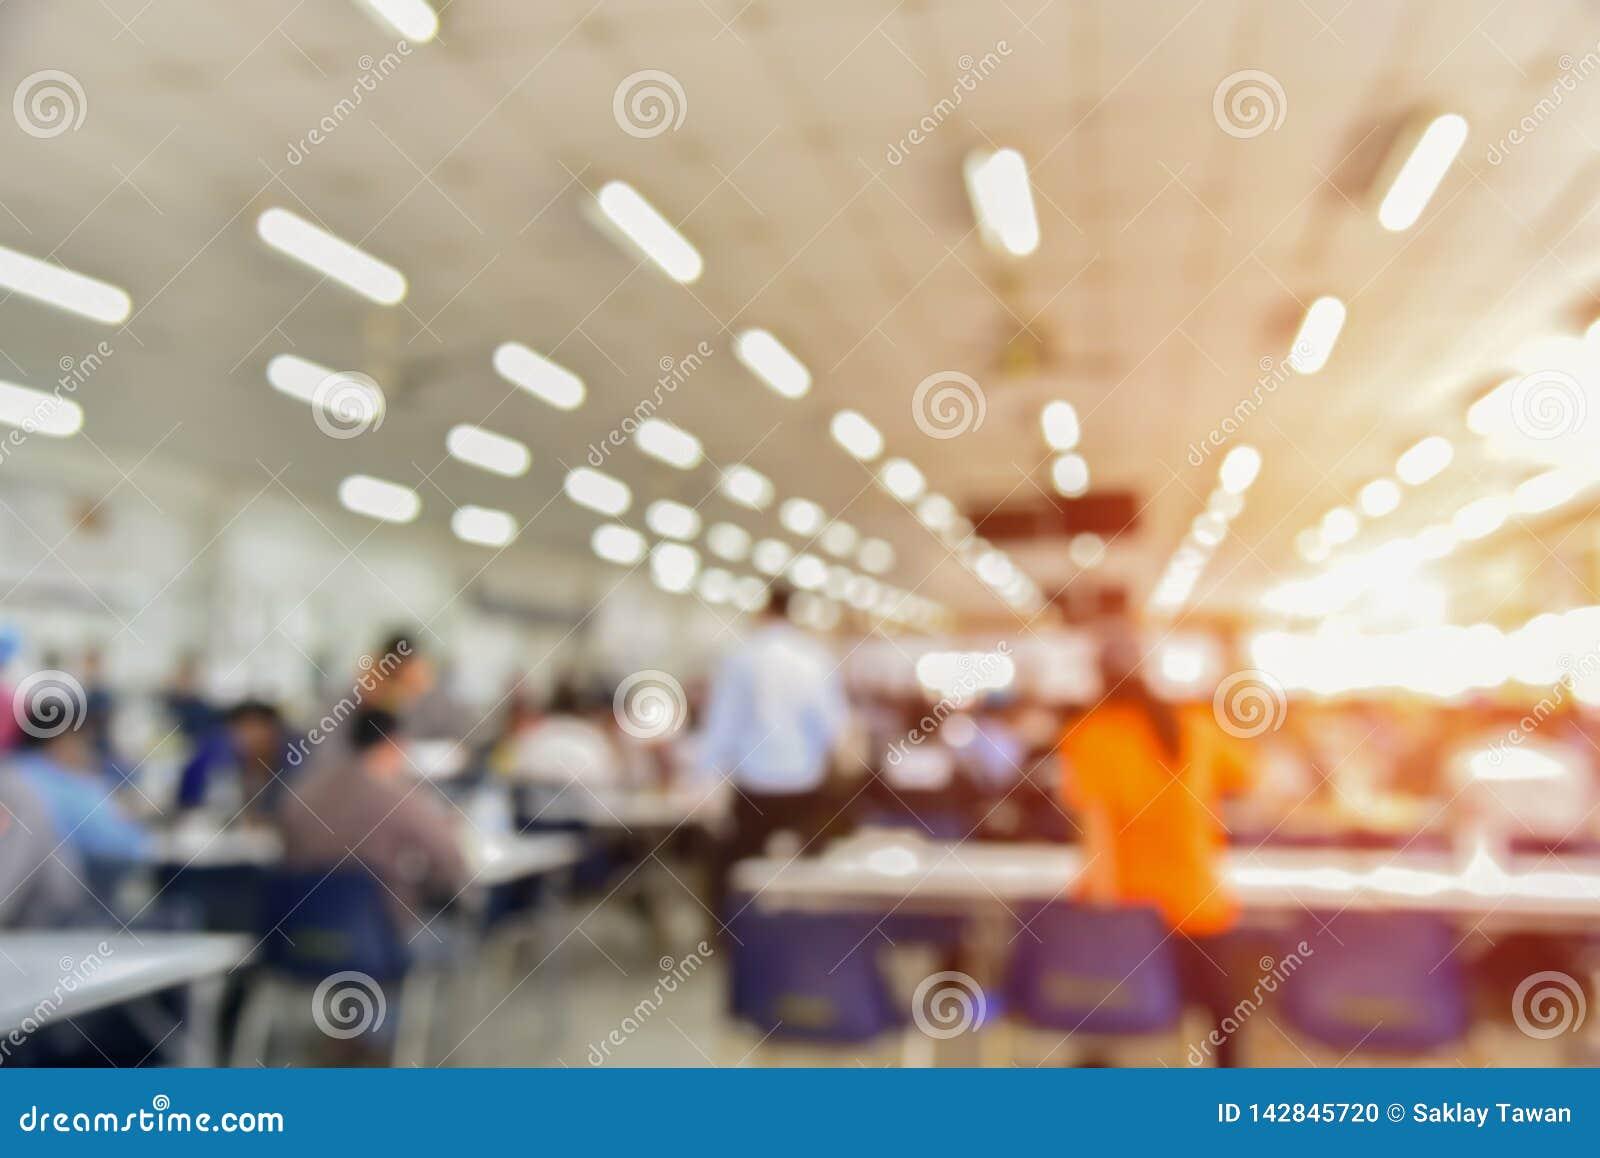 Абстрактное запачканное фото конференц-зала или конференц-зала